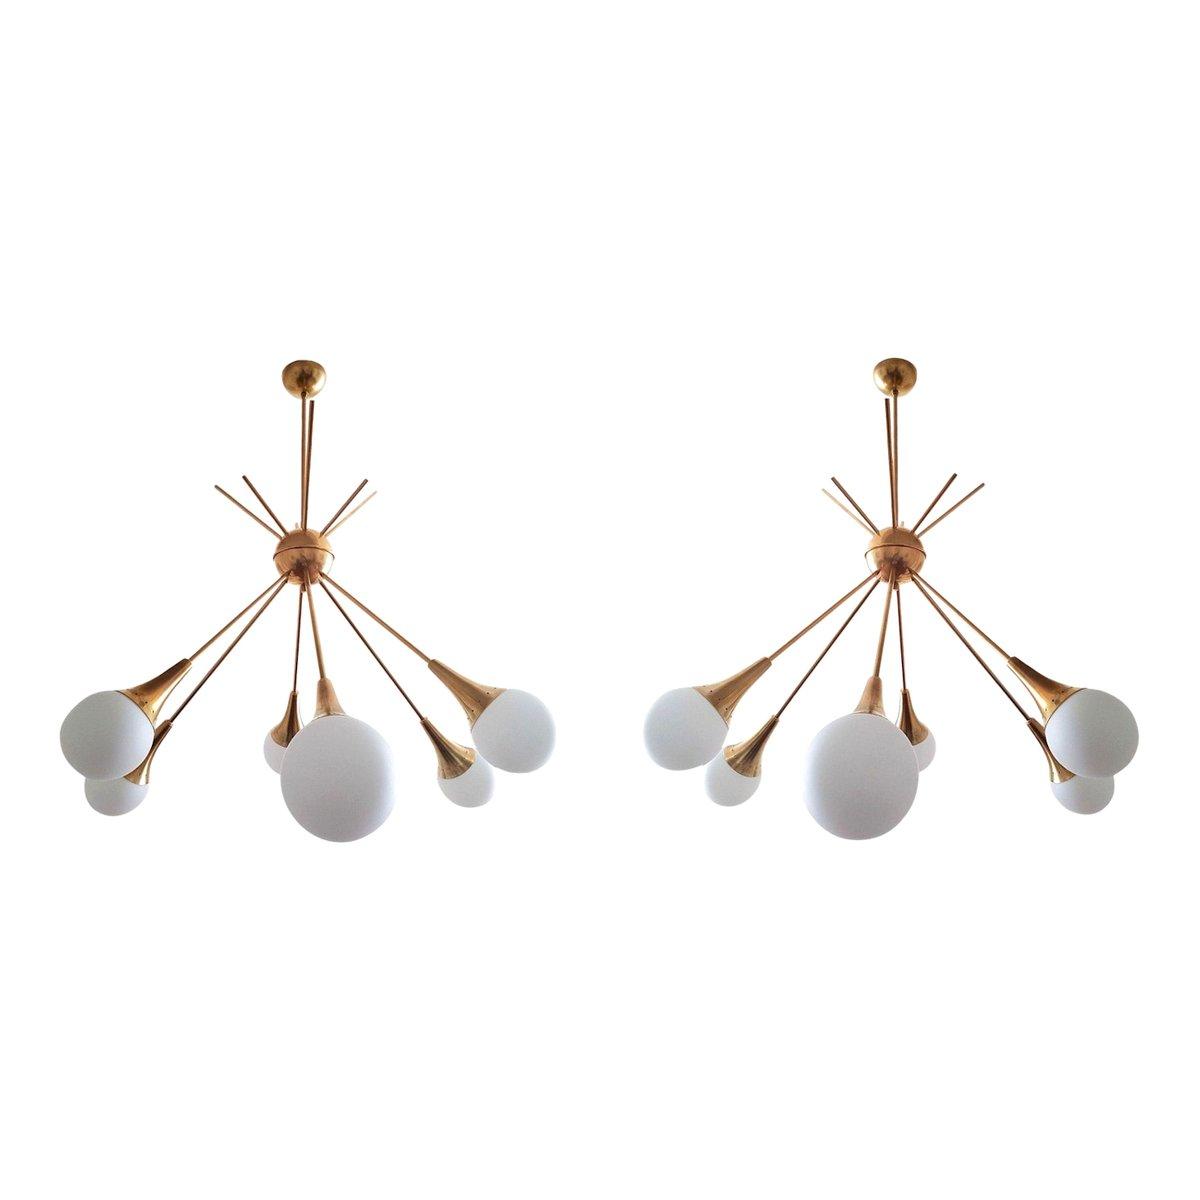 Moderne Mid-Century Sputnik Kronleuchter aus Messing & Glas von Stilno...